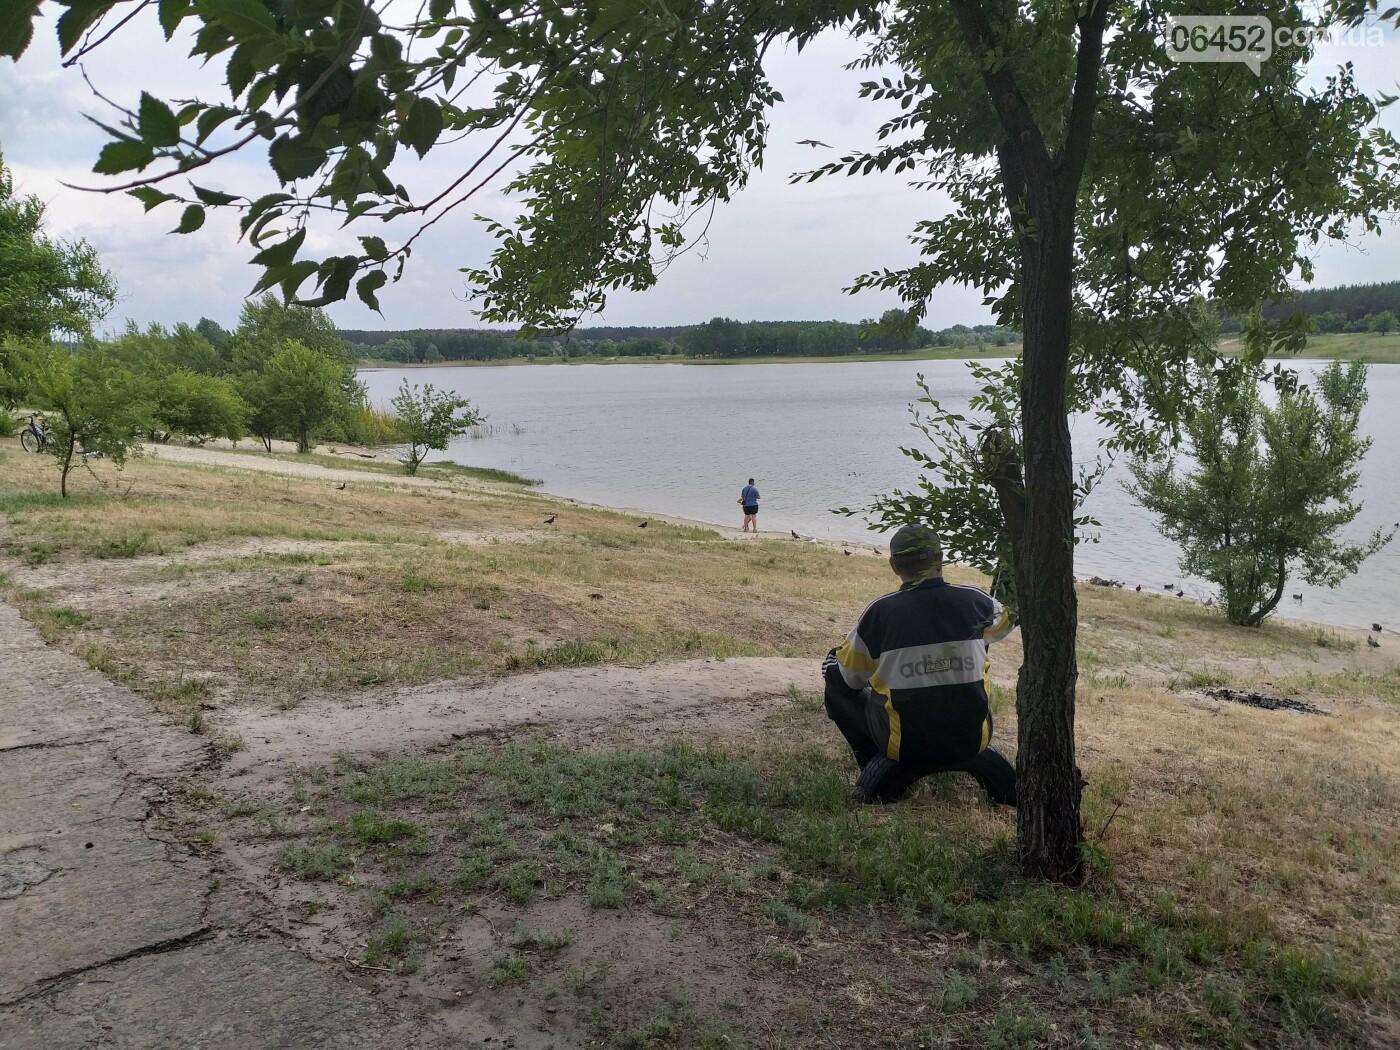 Любимое место отдыха: как планируют развивать территорию Чистого озера , фото-3